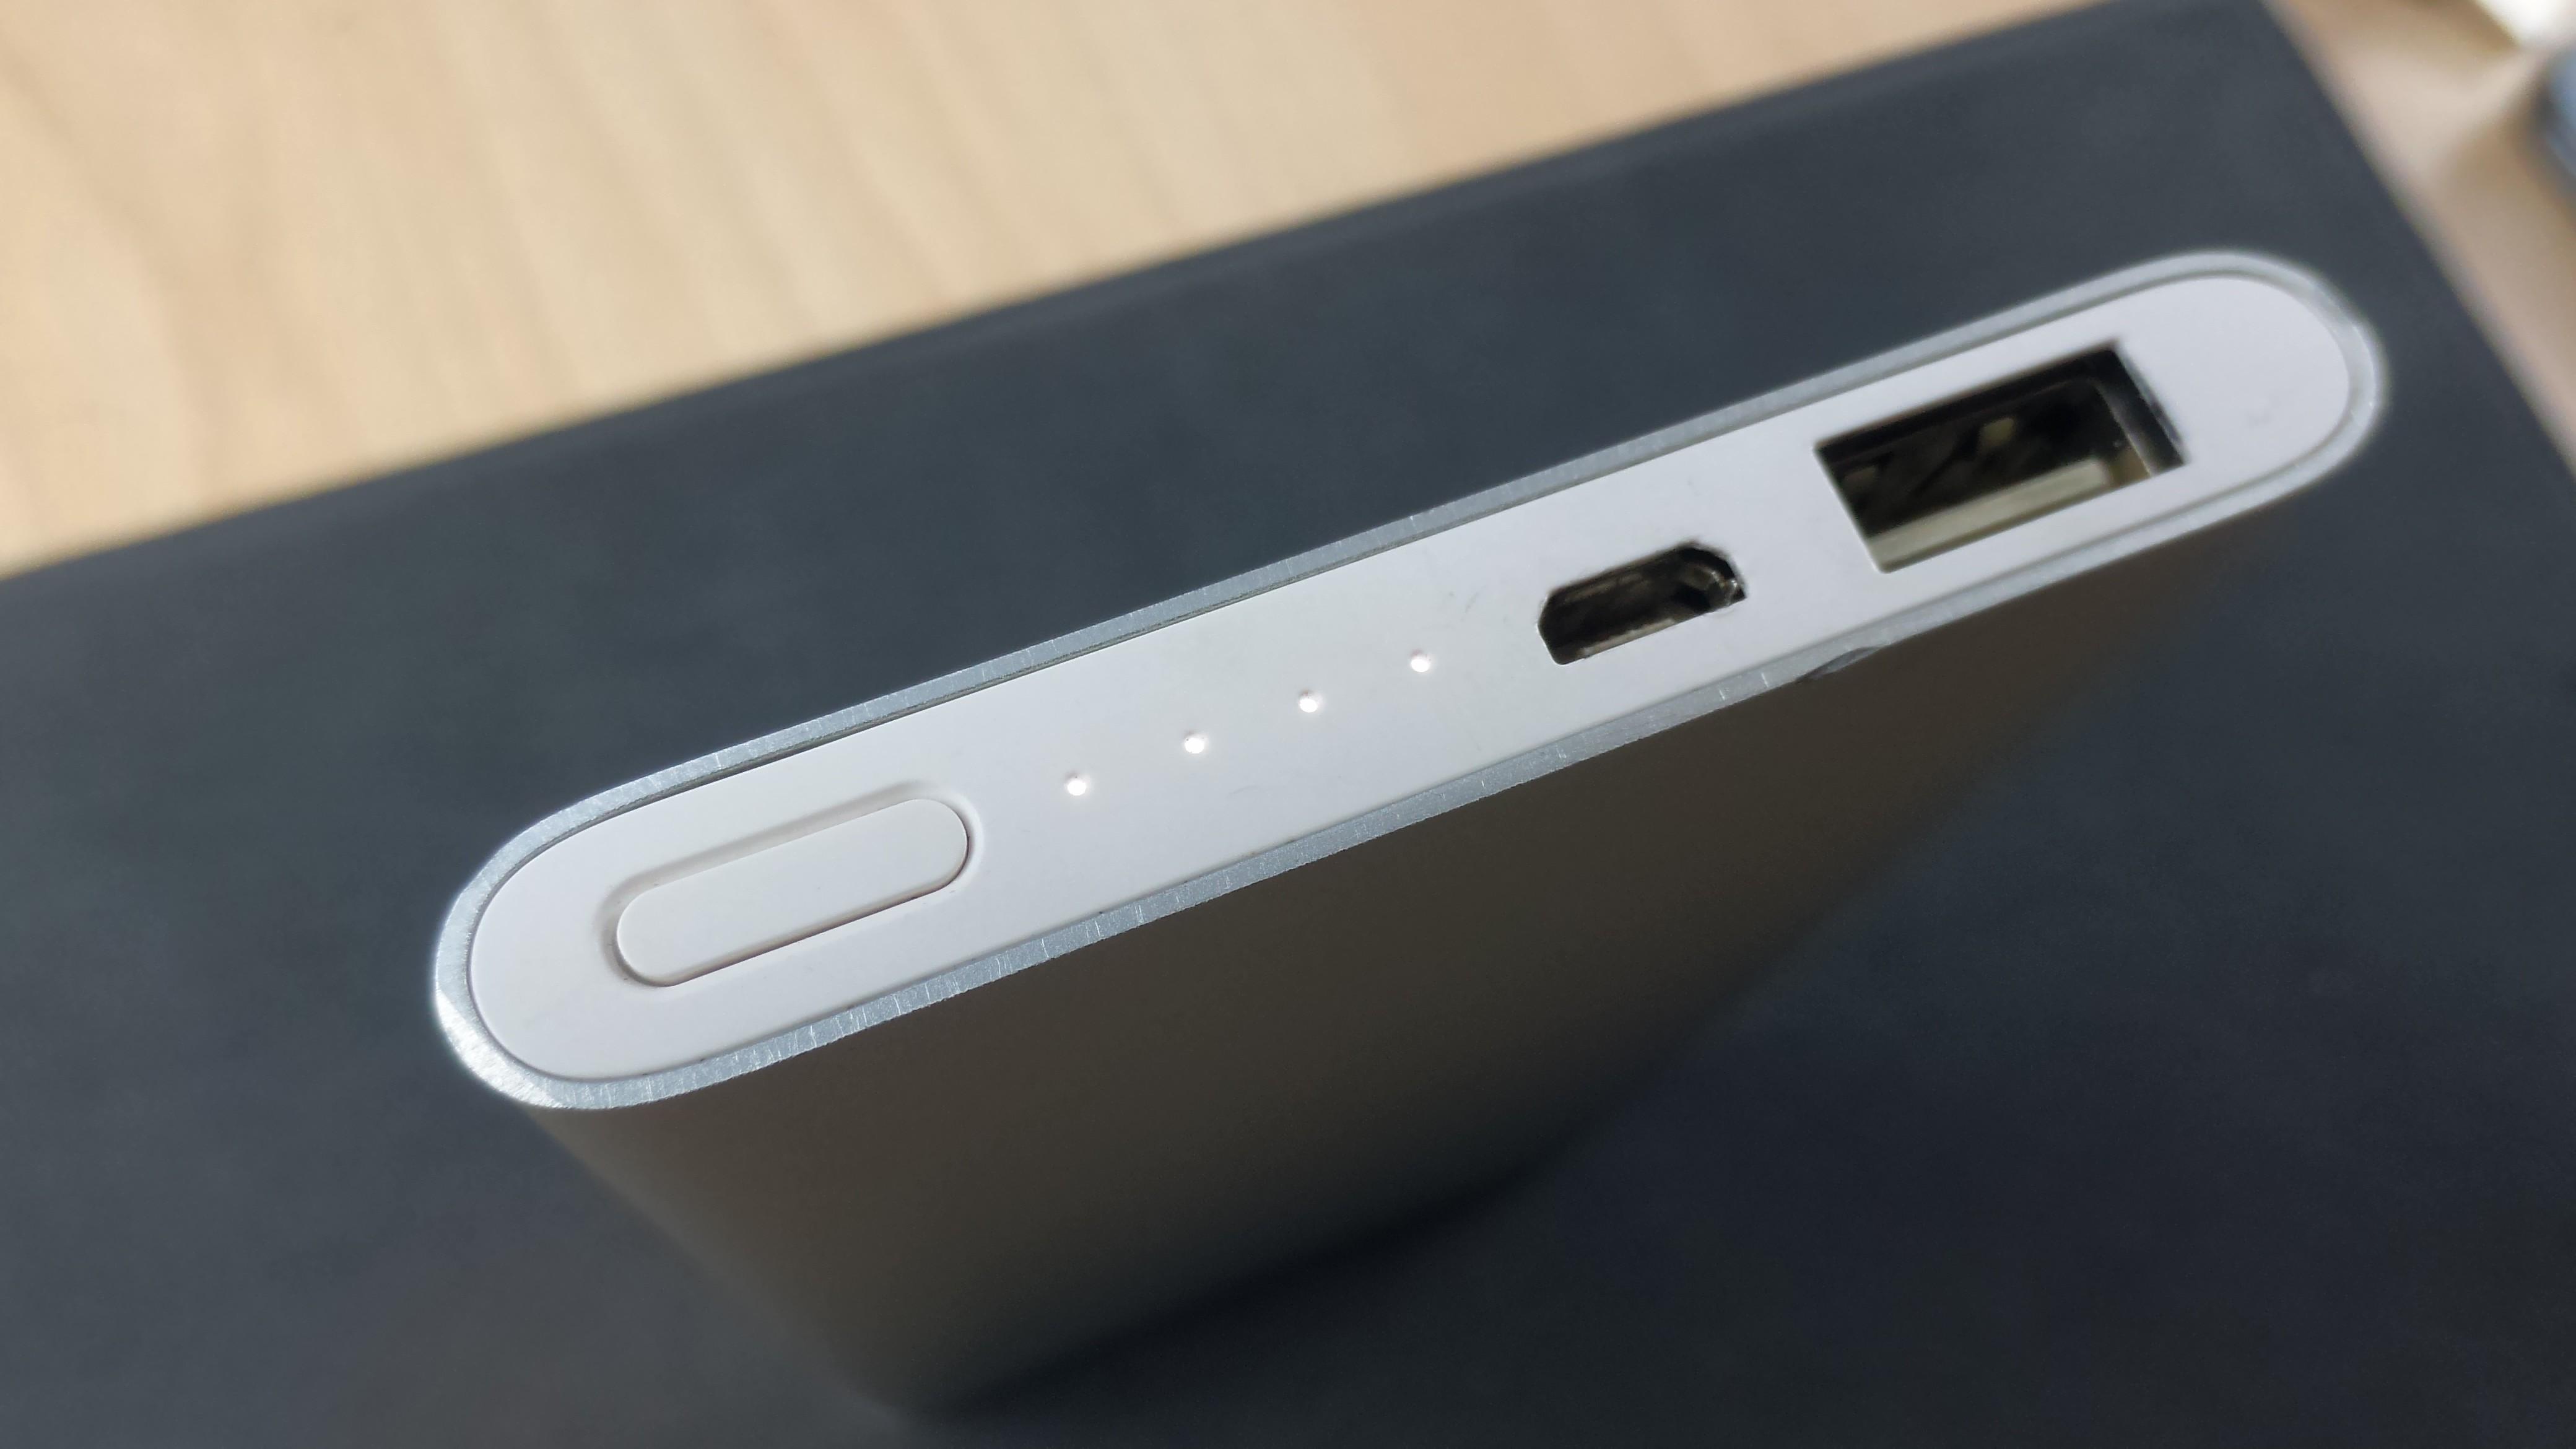 Mô tả sản phẩmSạc dự phòng Xiaomi Gen 2 5000 mAH giá buôn giá sỉ